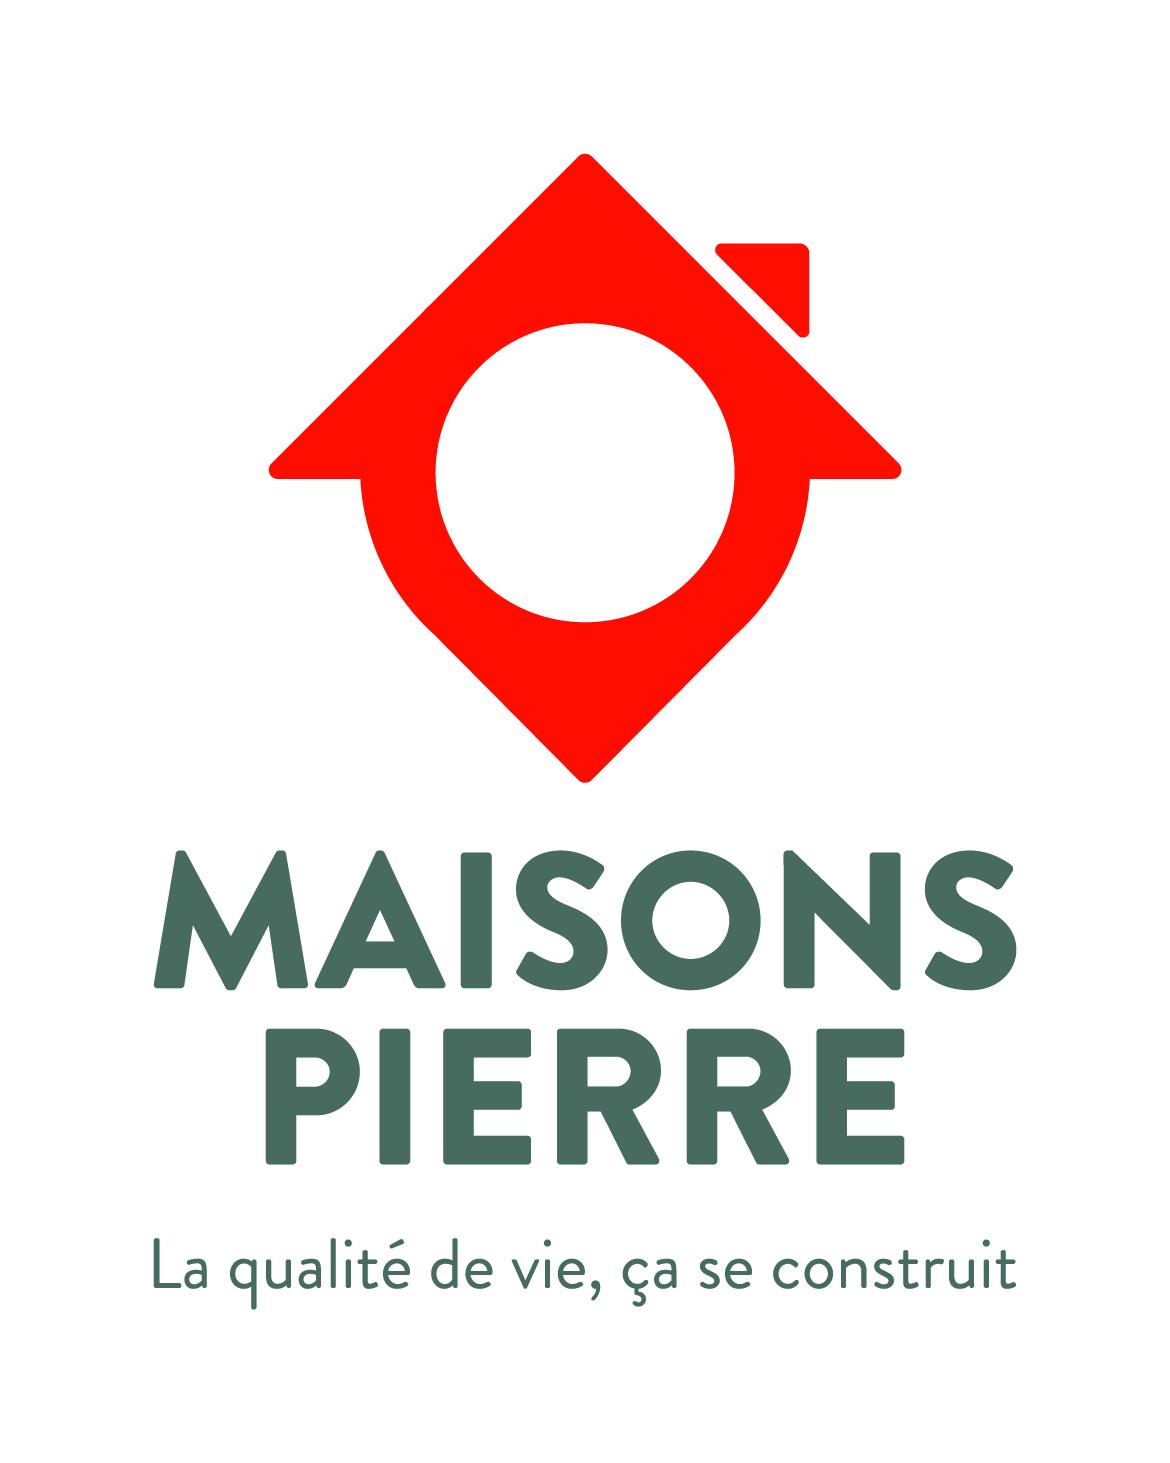 Maisons pierre wikip dia for Maison pierre modele noctuelle